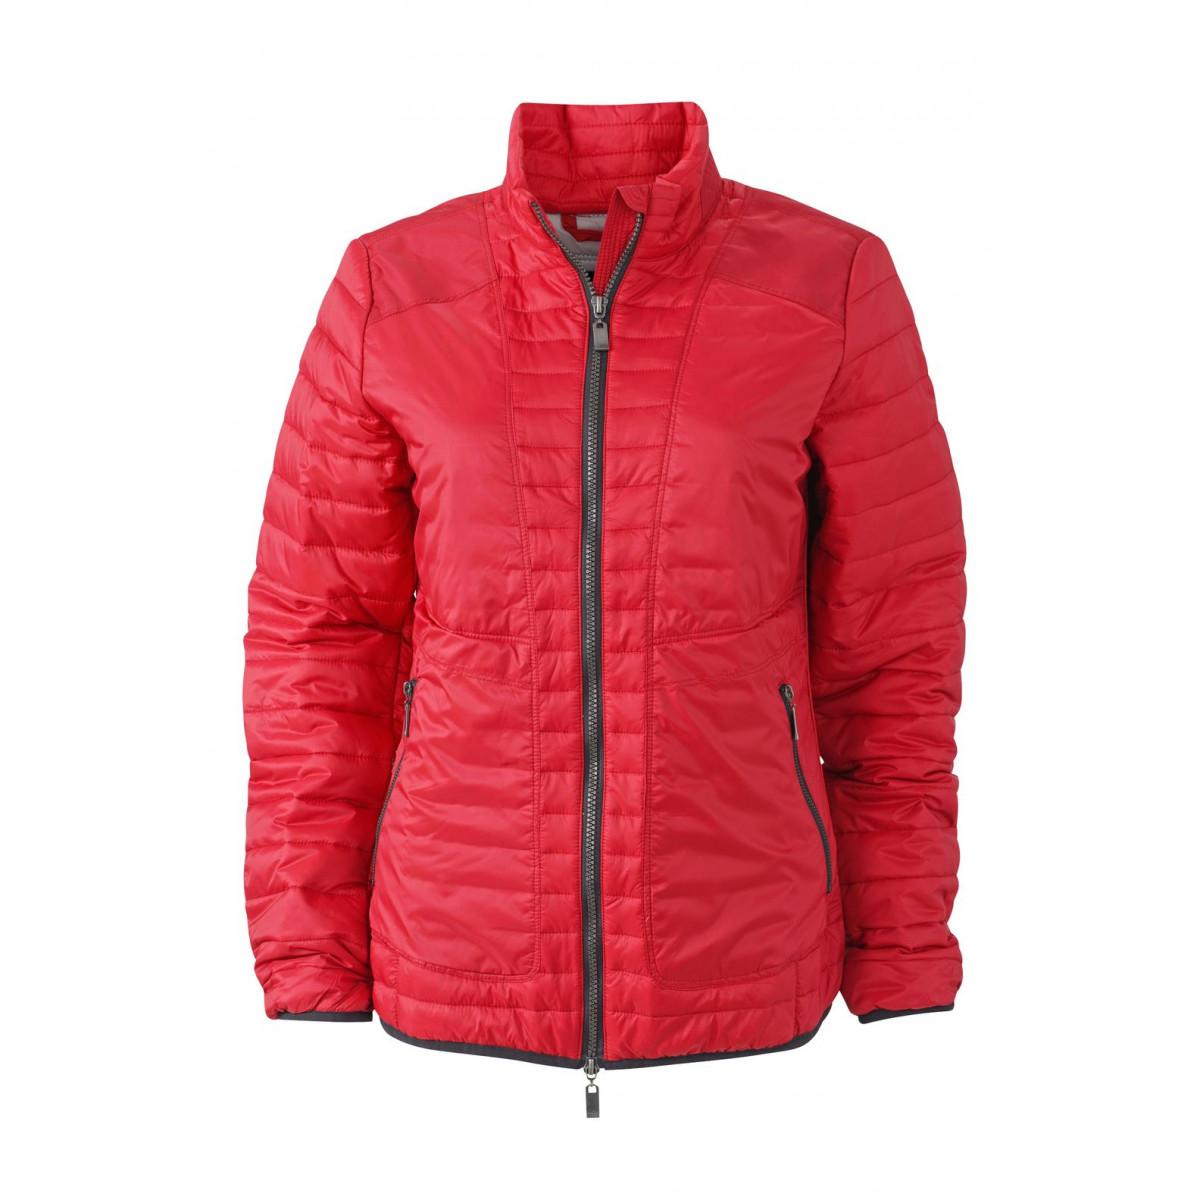 Куртка женская JN1111 Ladies Lightweight Jacket - Ярко-красный/Серебряный